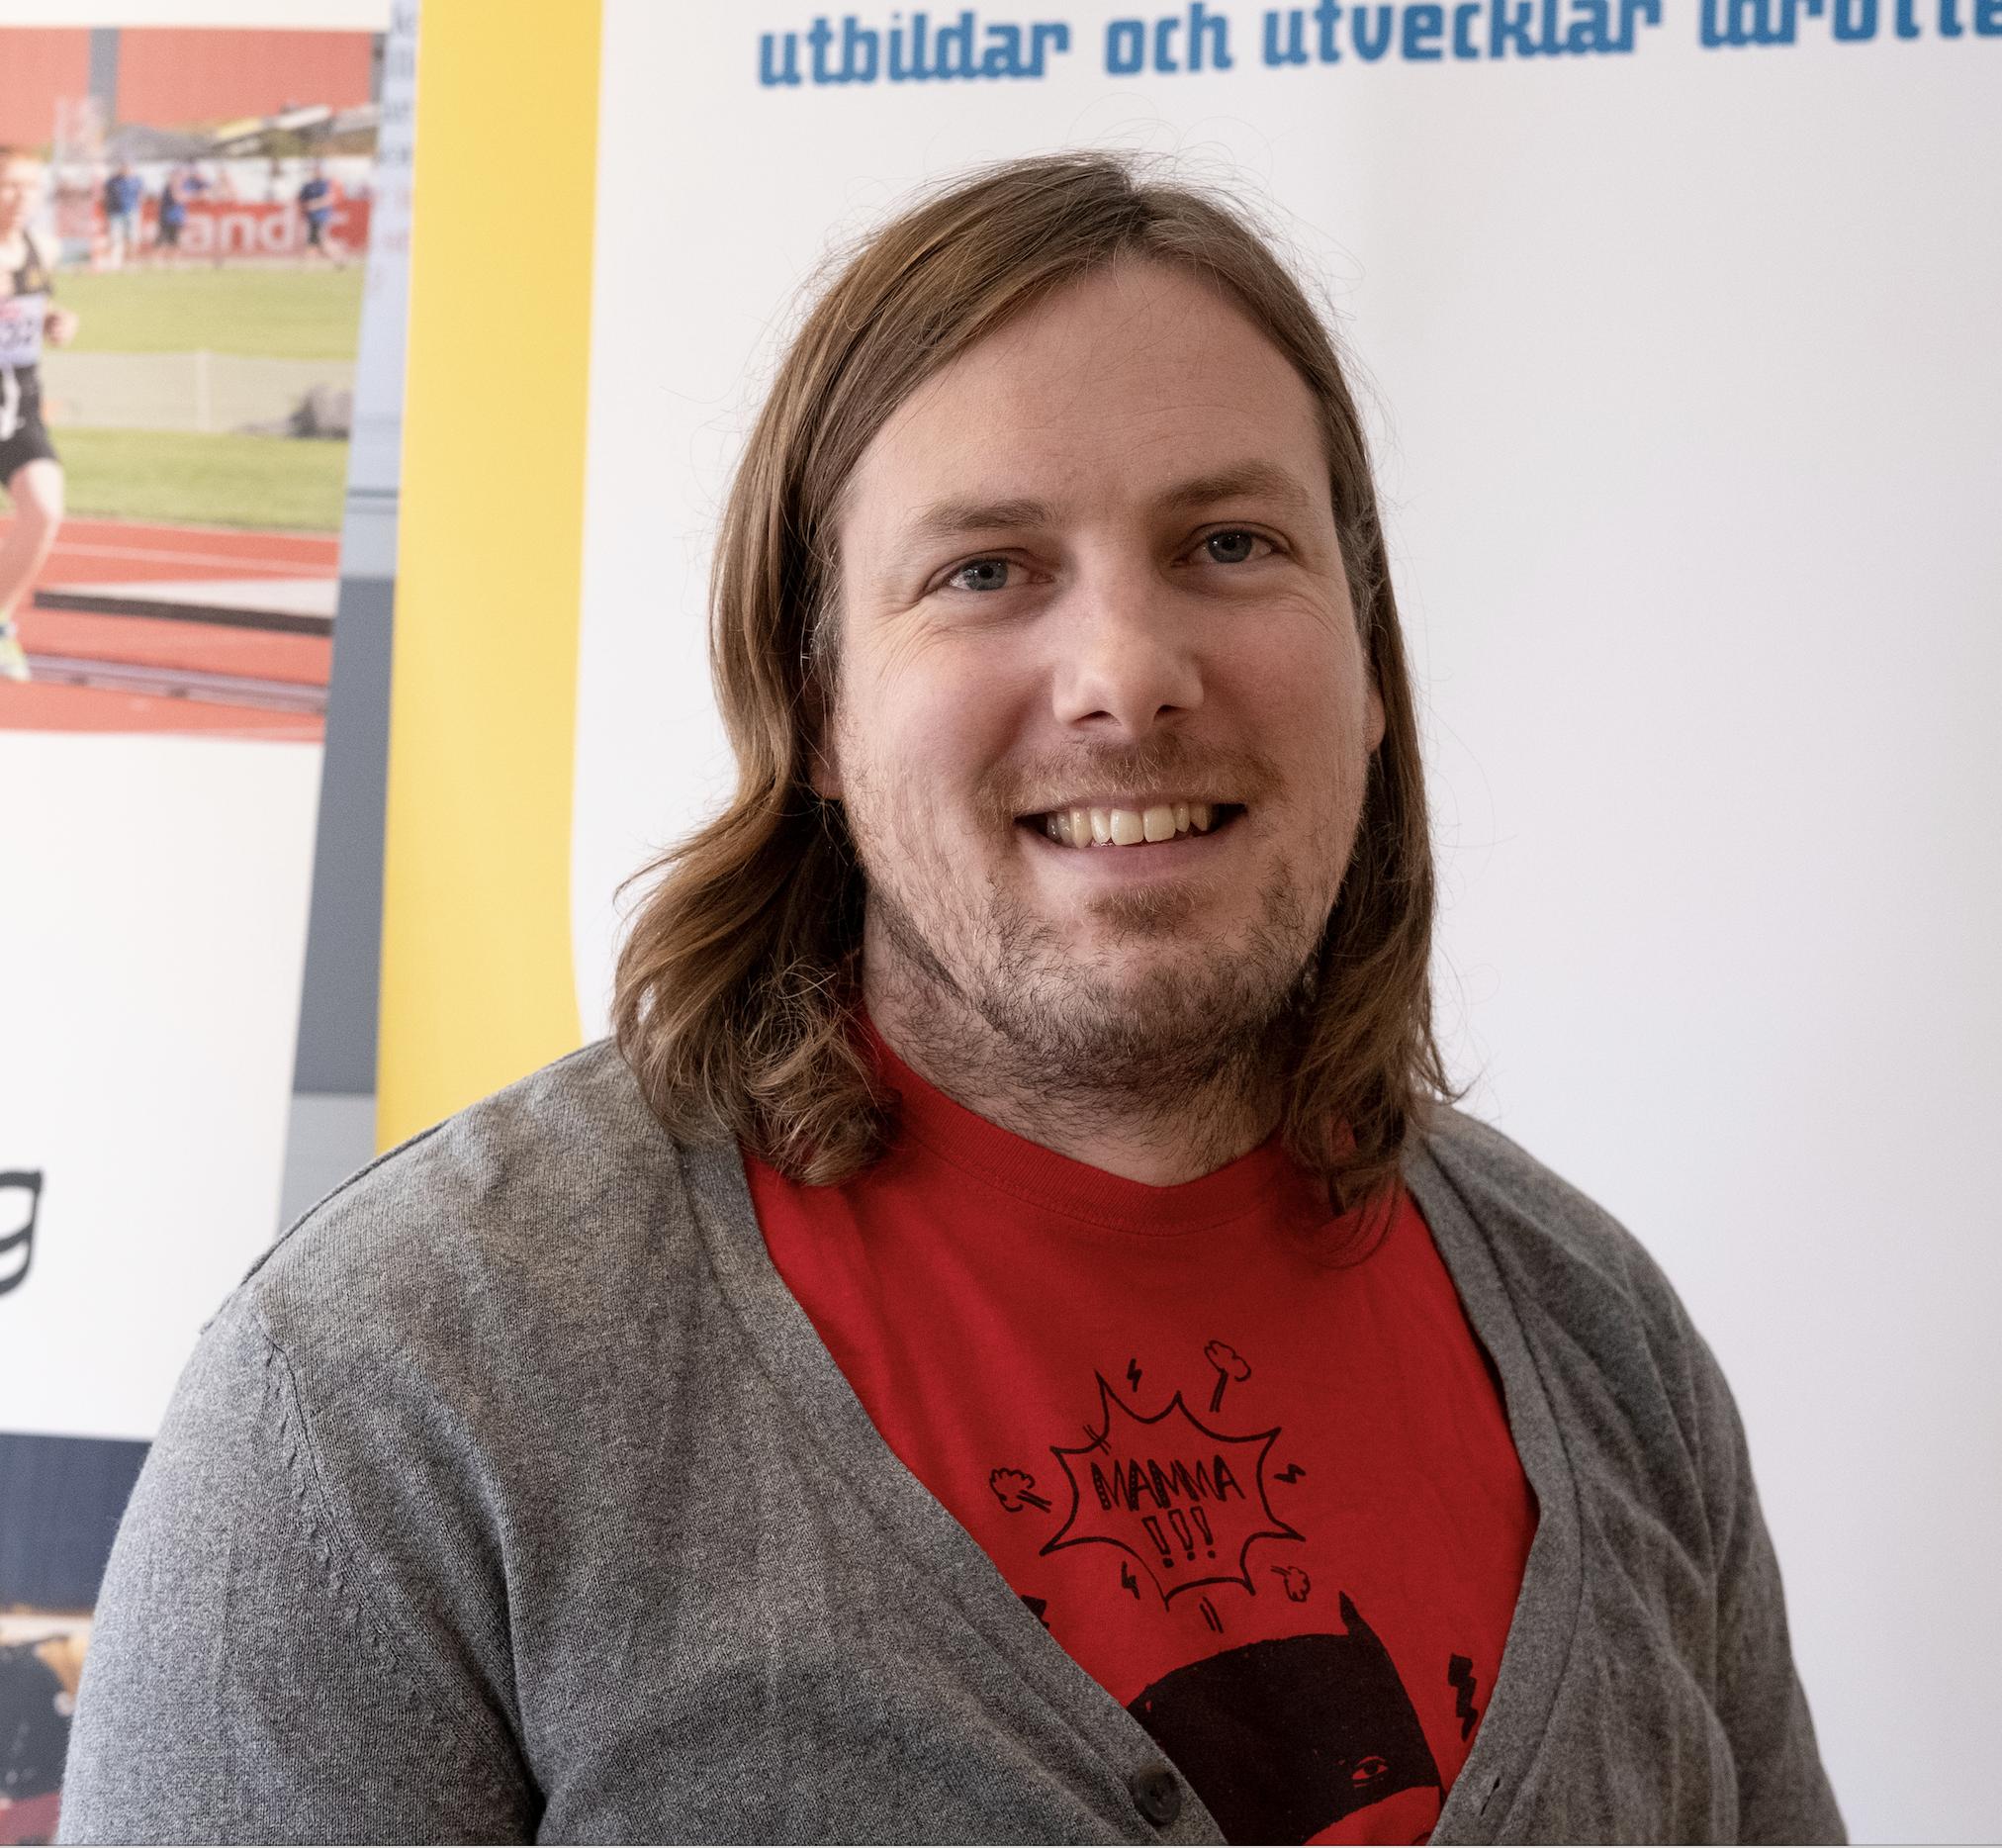 Christian Hedberg, föreläste och demonstrerade sin idrott. Foto: Johan Beijer, KUXAGRUPPEN AB